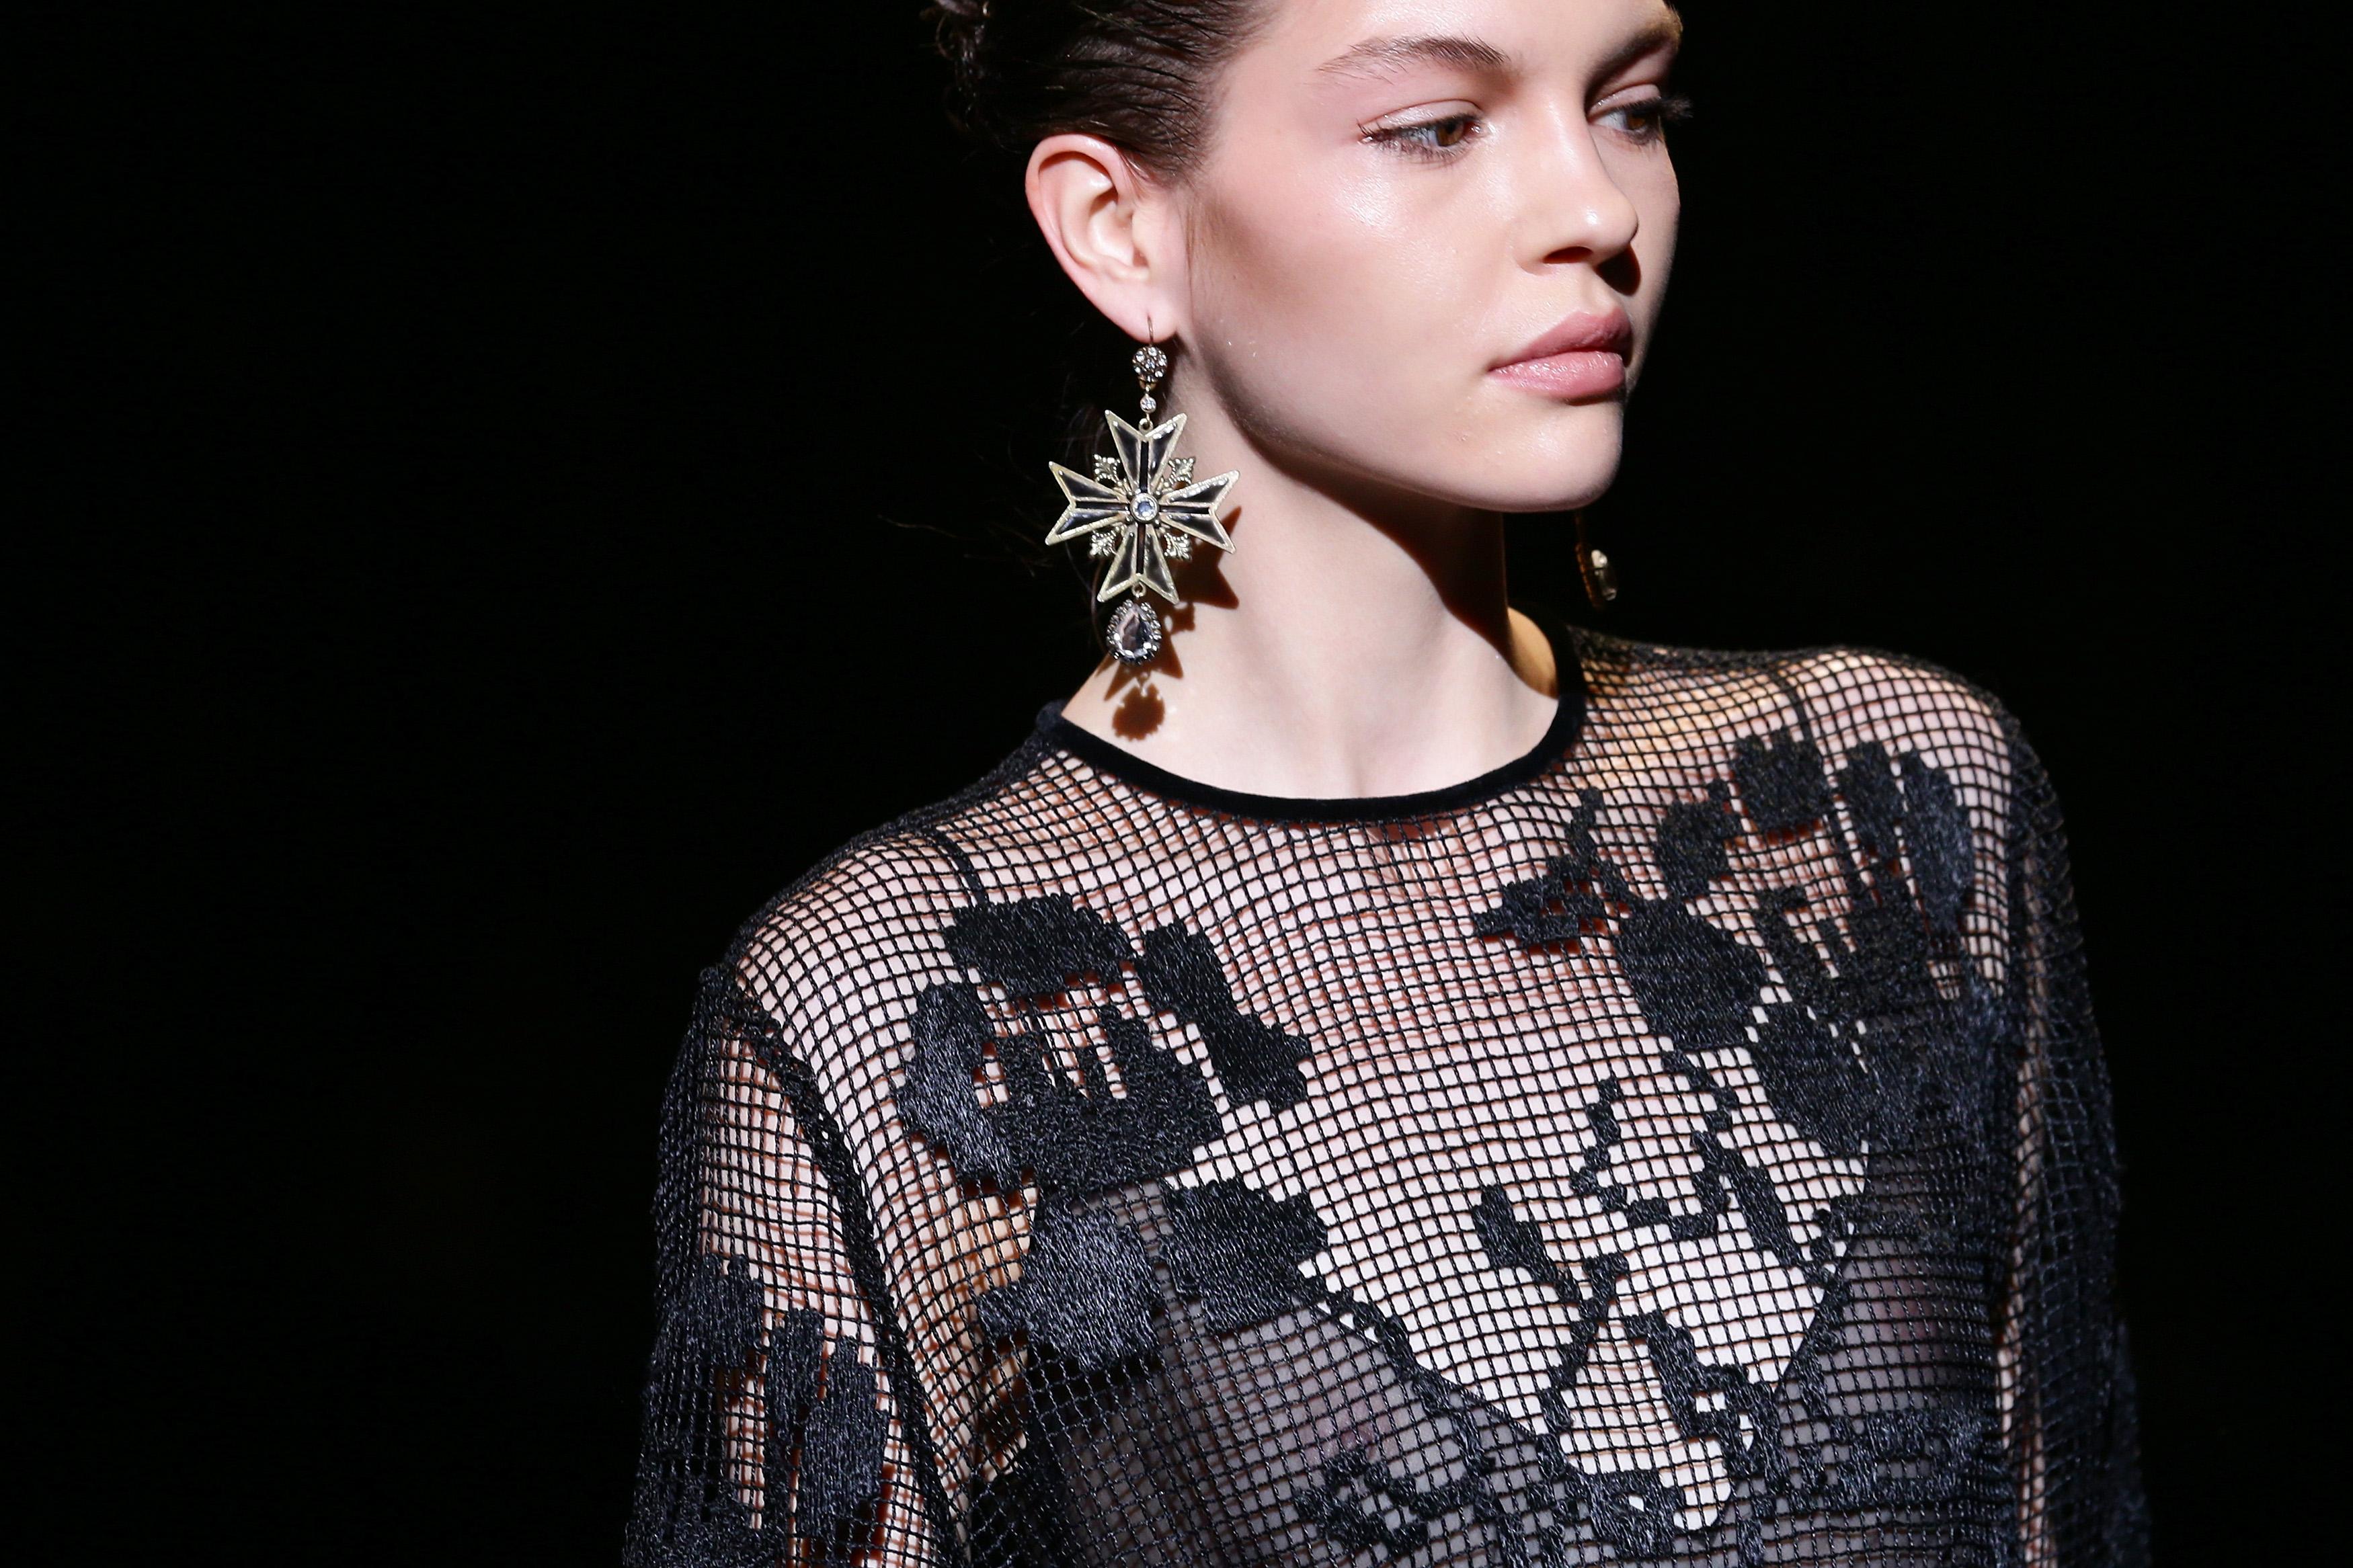 buy popular cec02 427cb Alberta Ferretti collezione Autunno/Inverno 2013-14: la moda ...